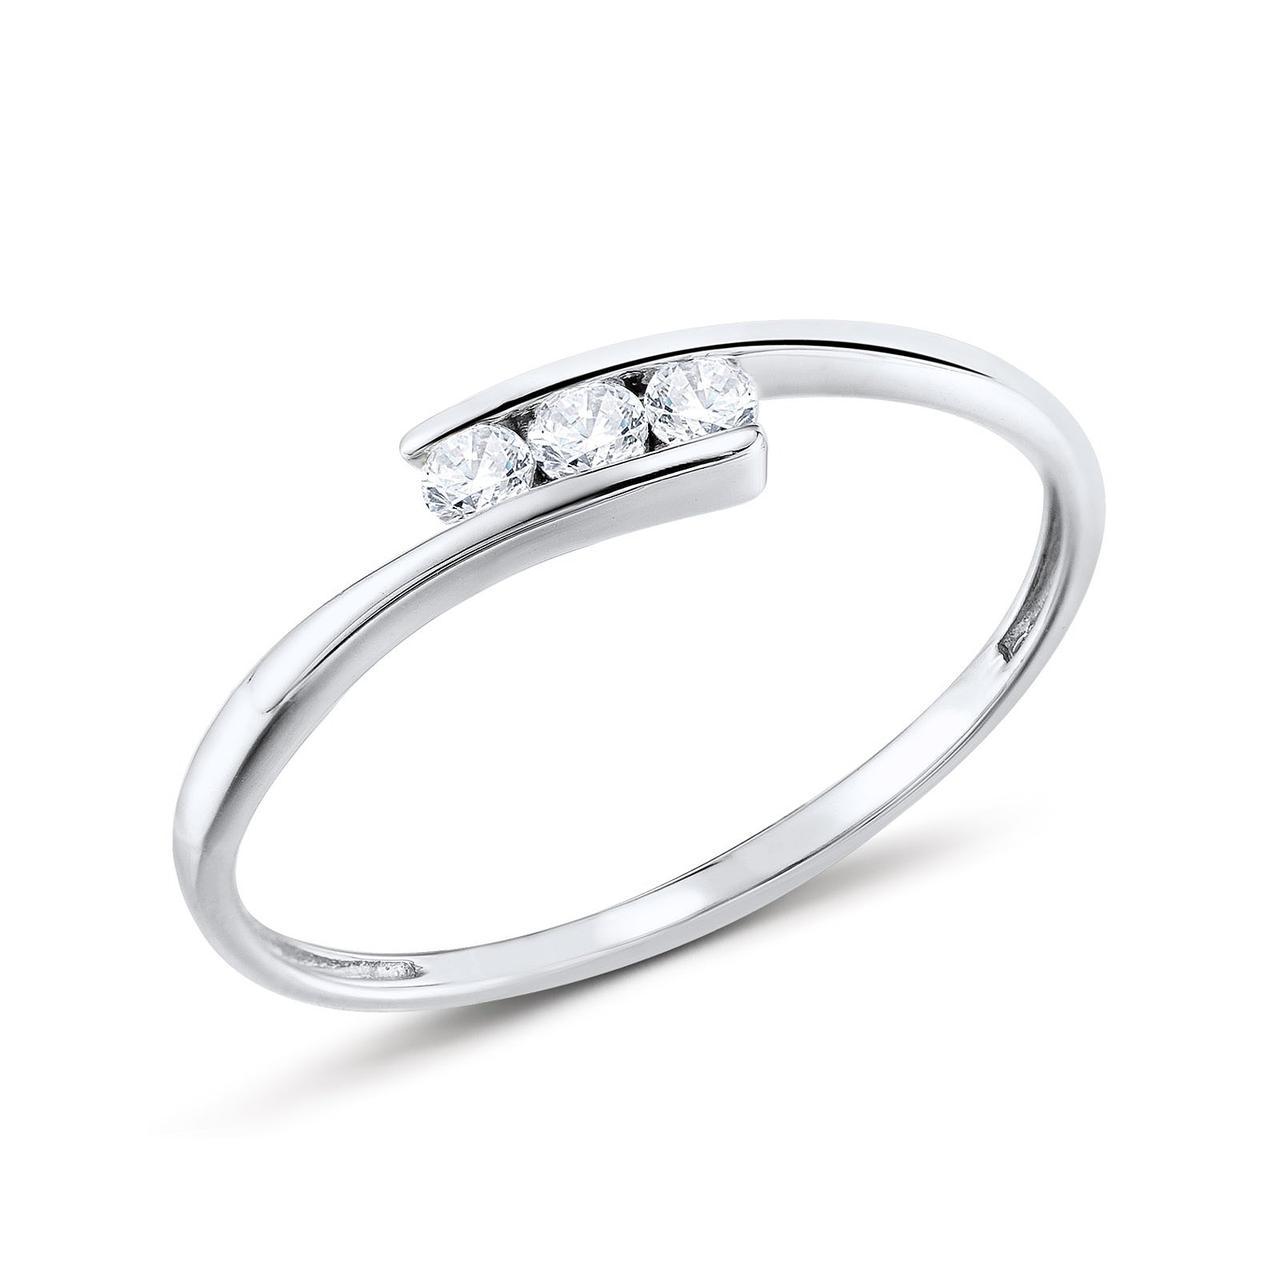 Золотое кольцо с бриллиантами, размер 16.5 (348628)